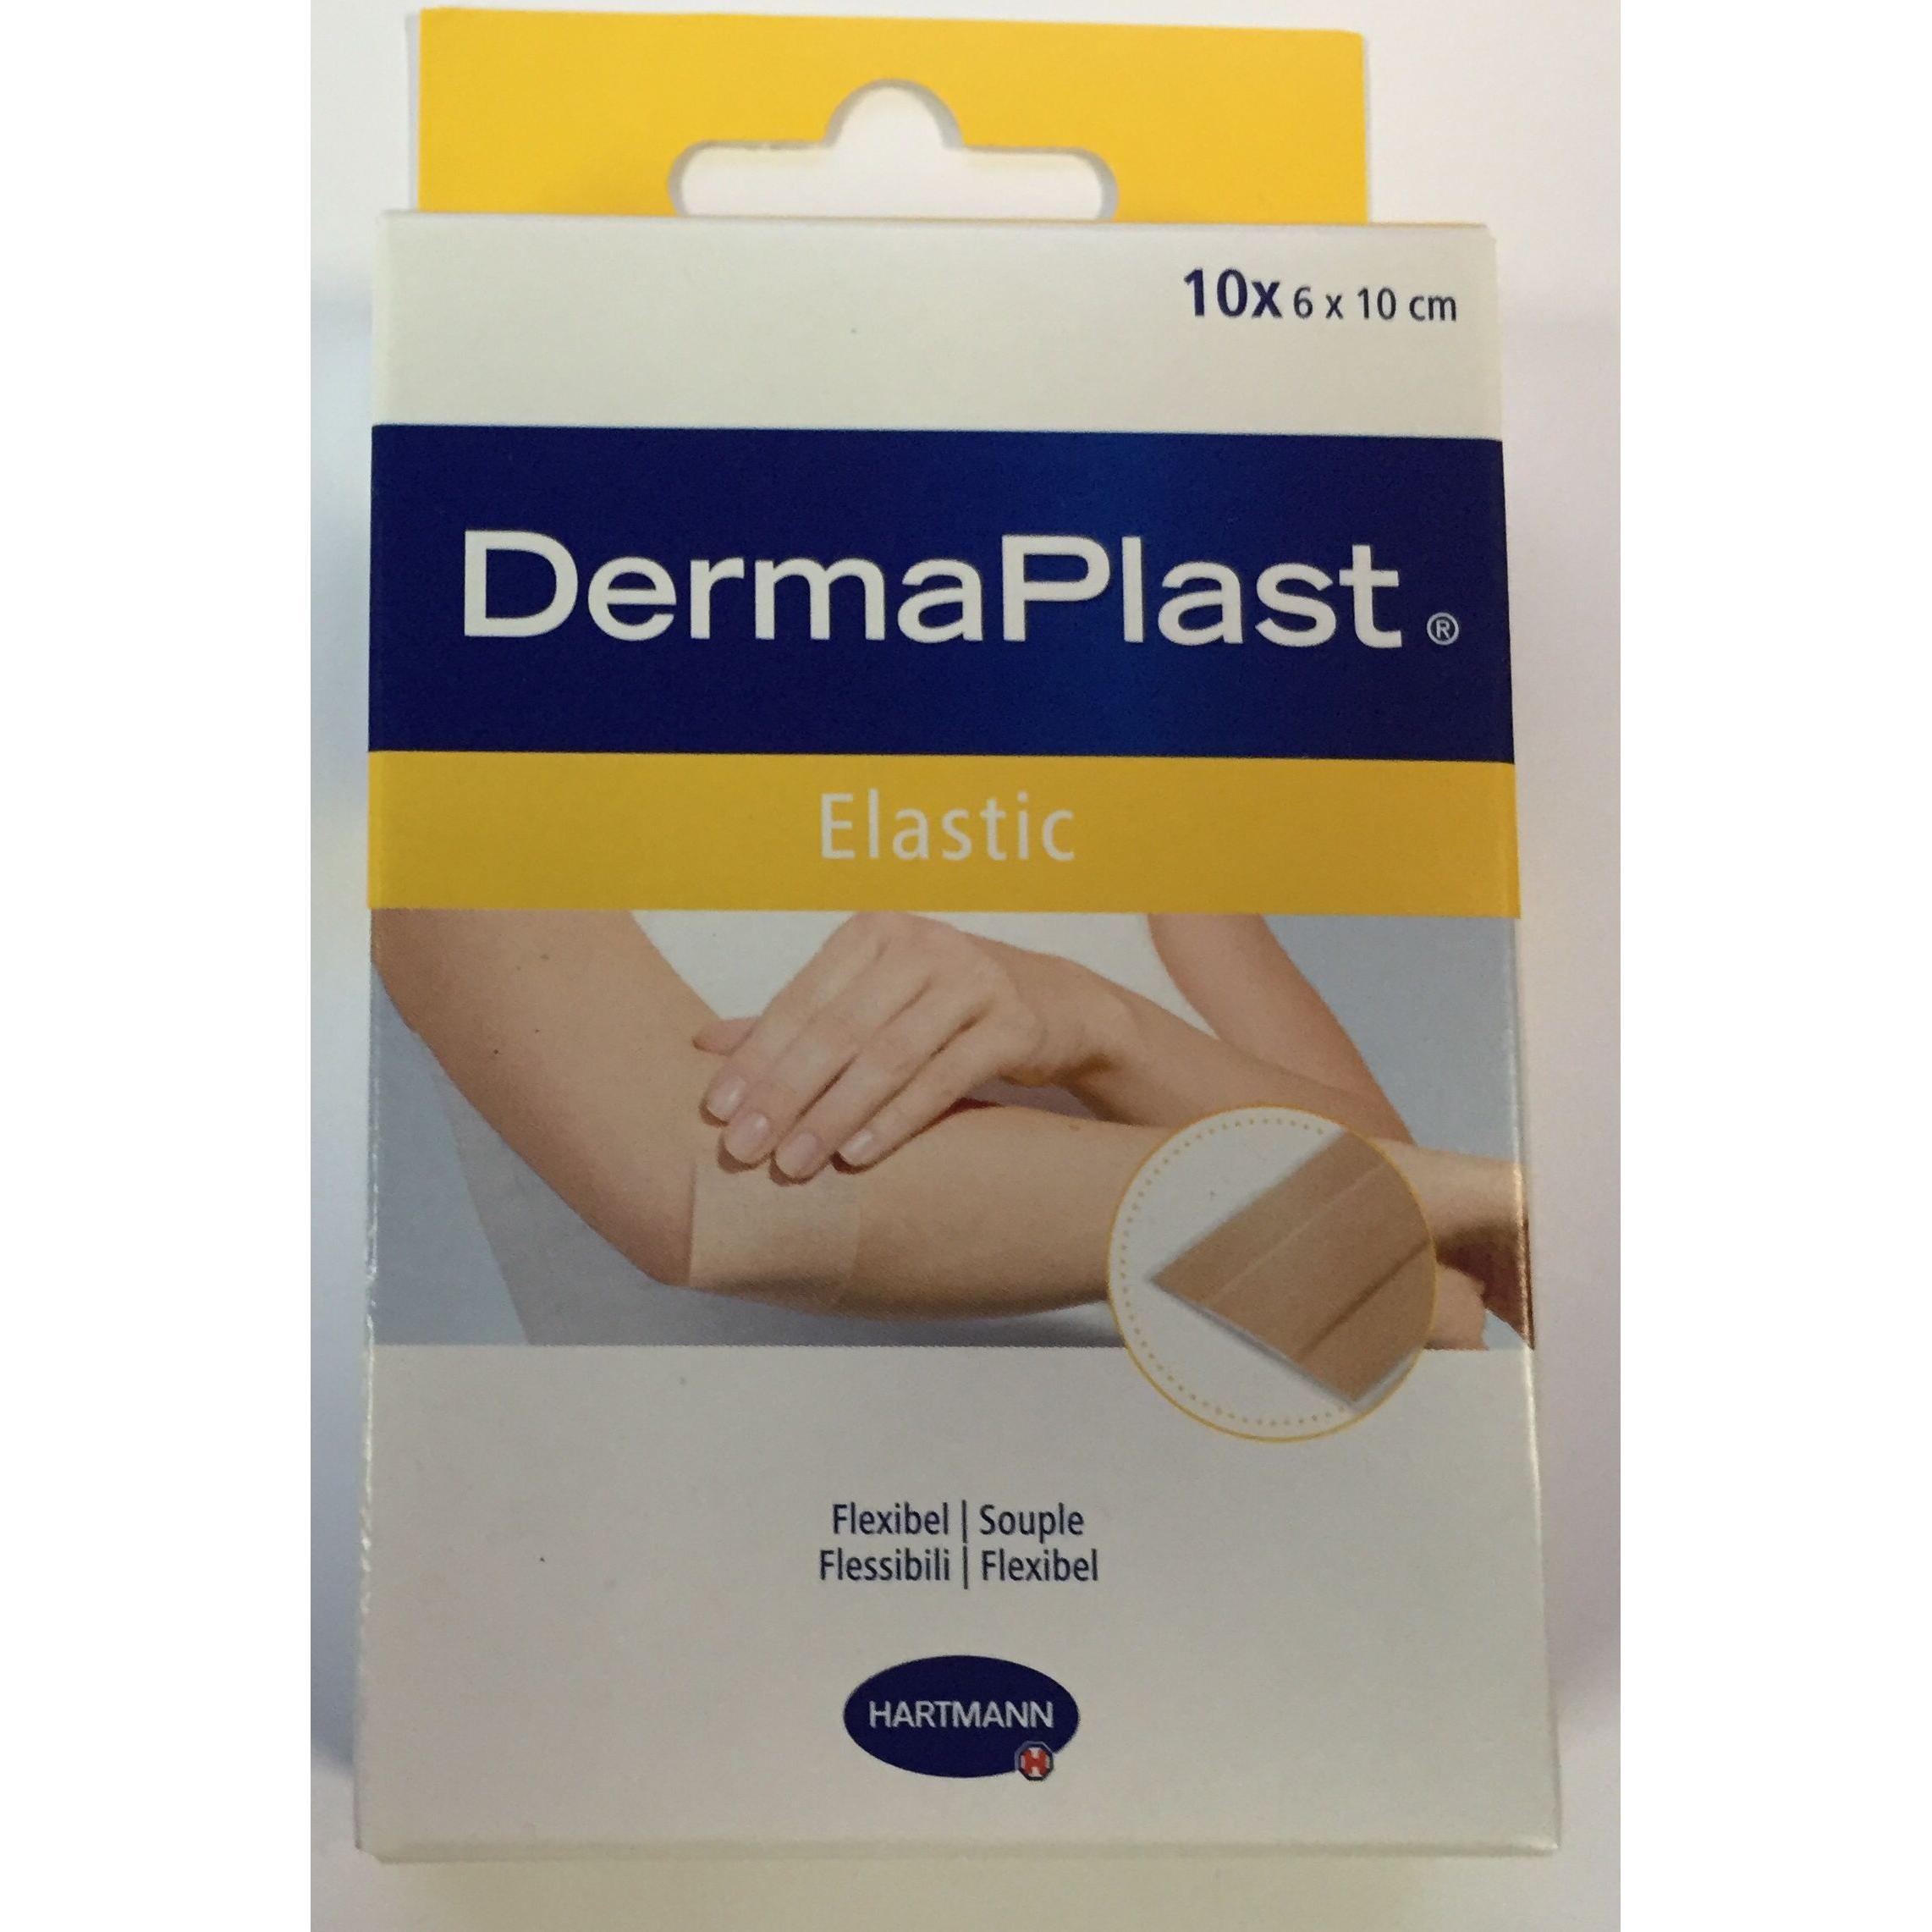 DermaPlast elastic flasteri a10-1